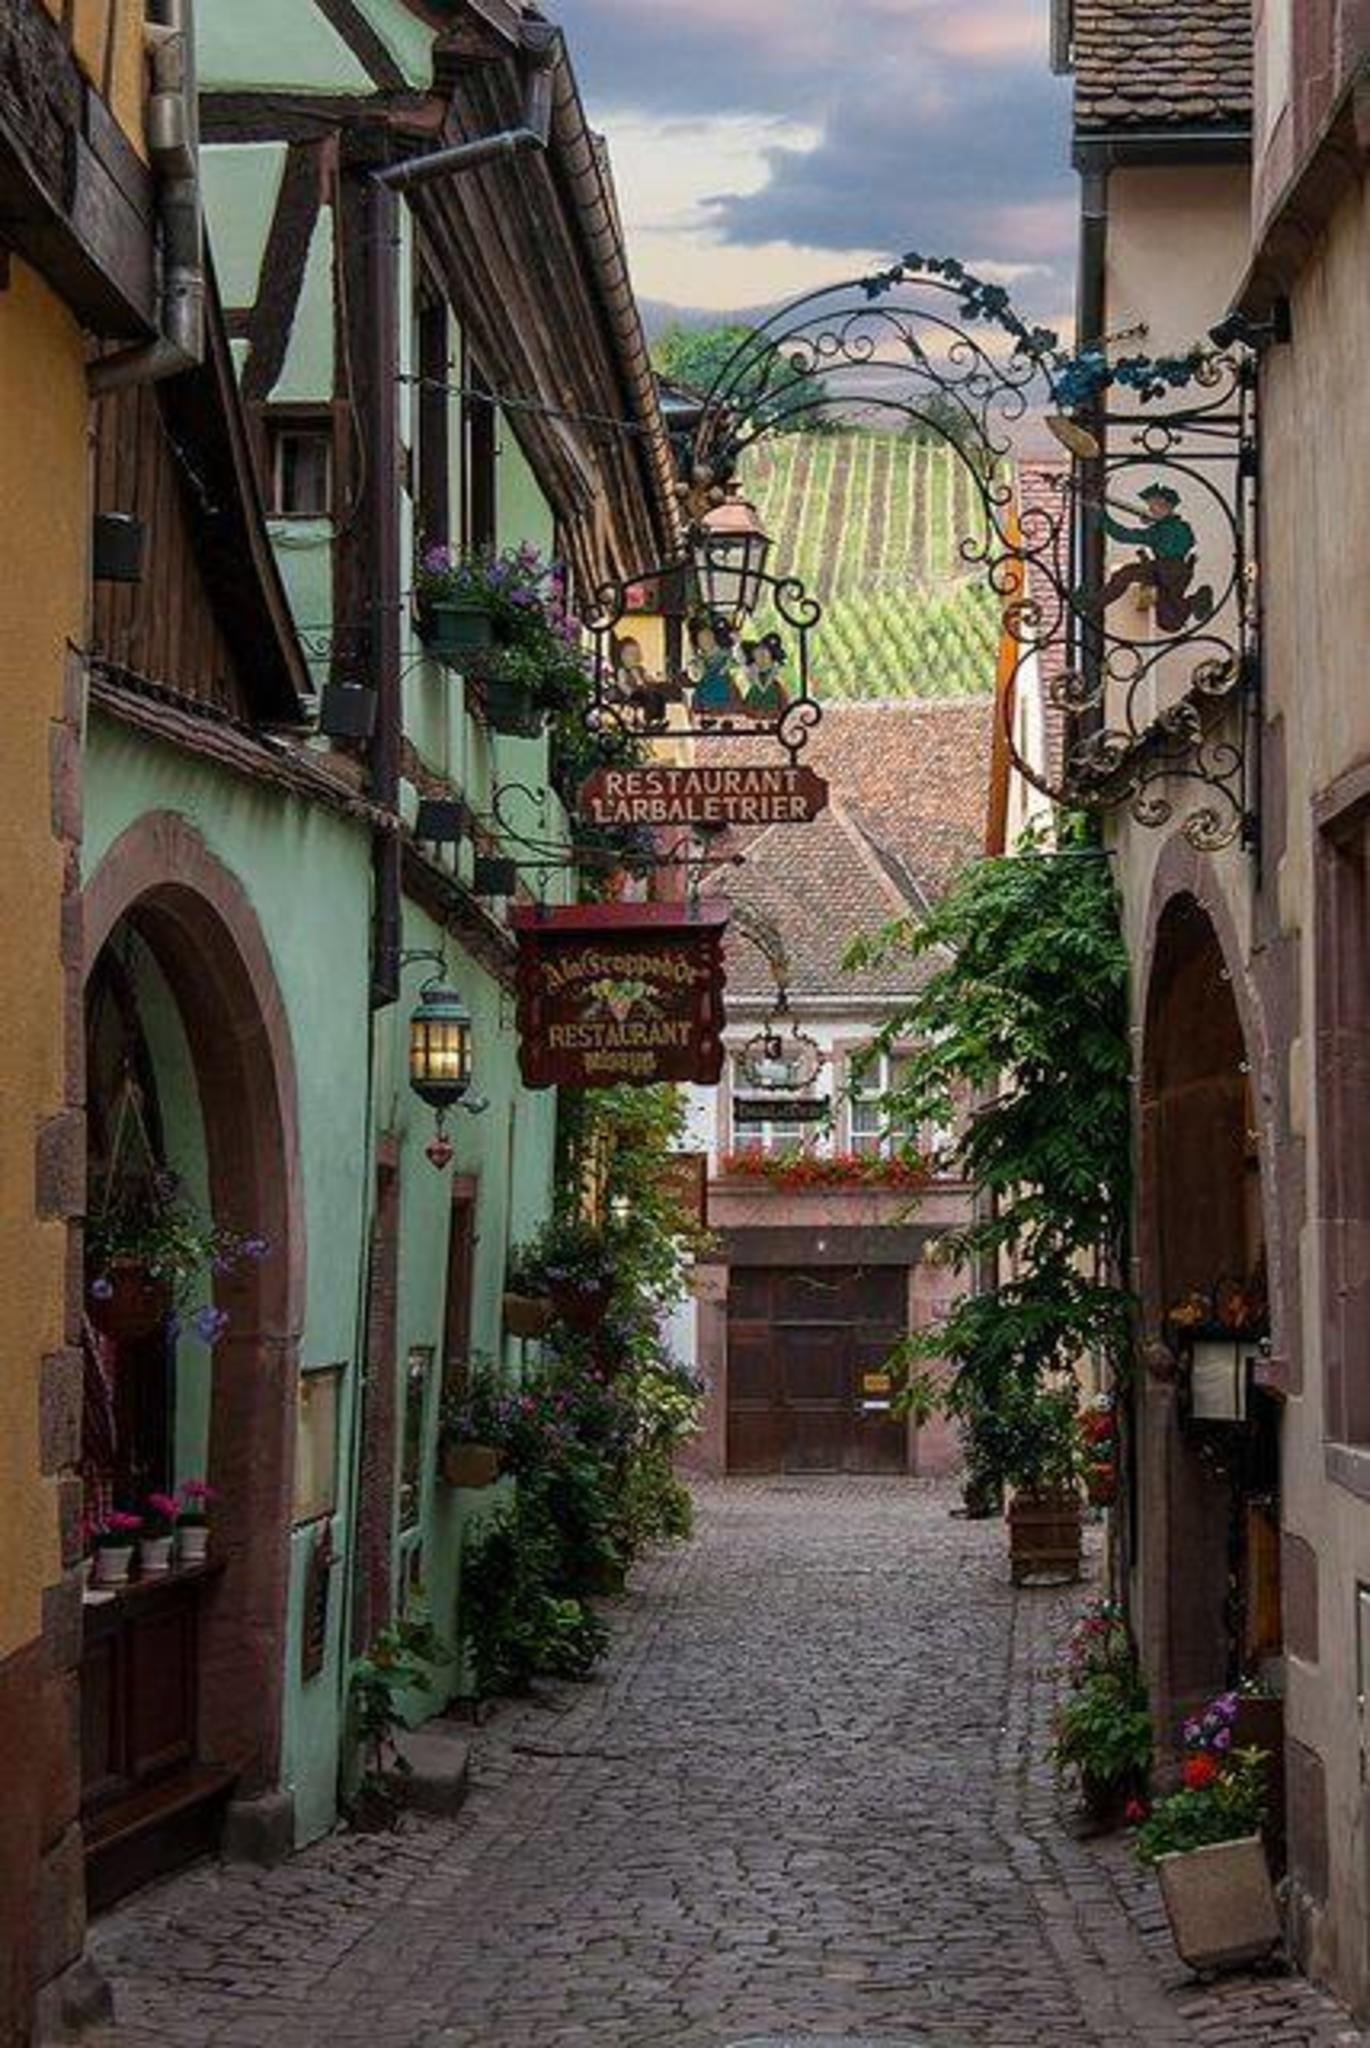 Restaurant L Arbaletrier Riquewihr Alsace France Pretty Places Beautiful Places Places